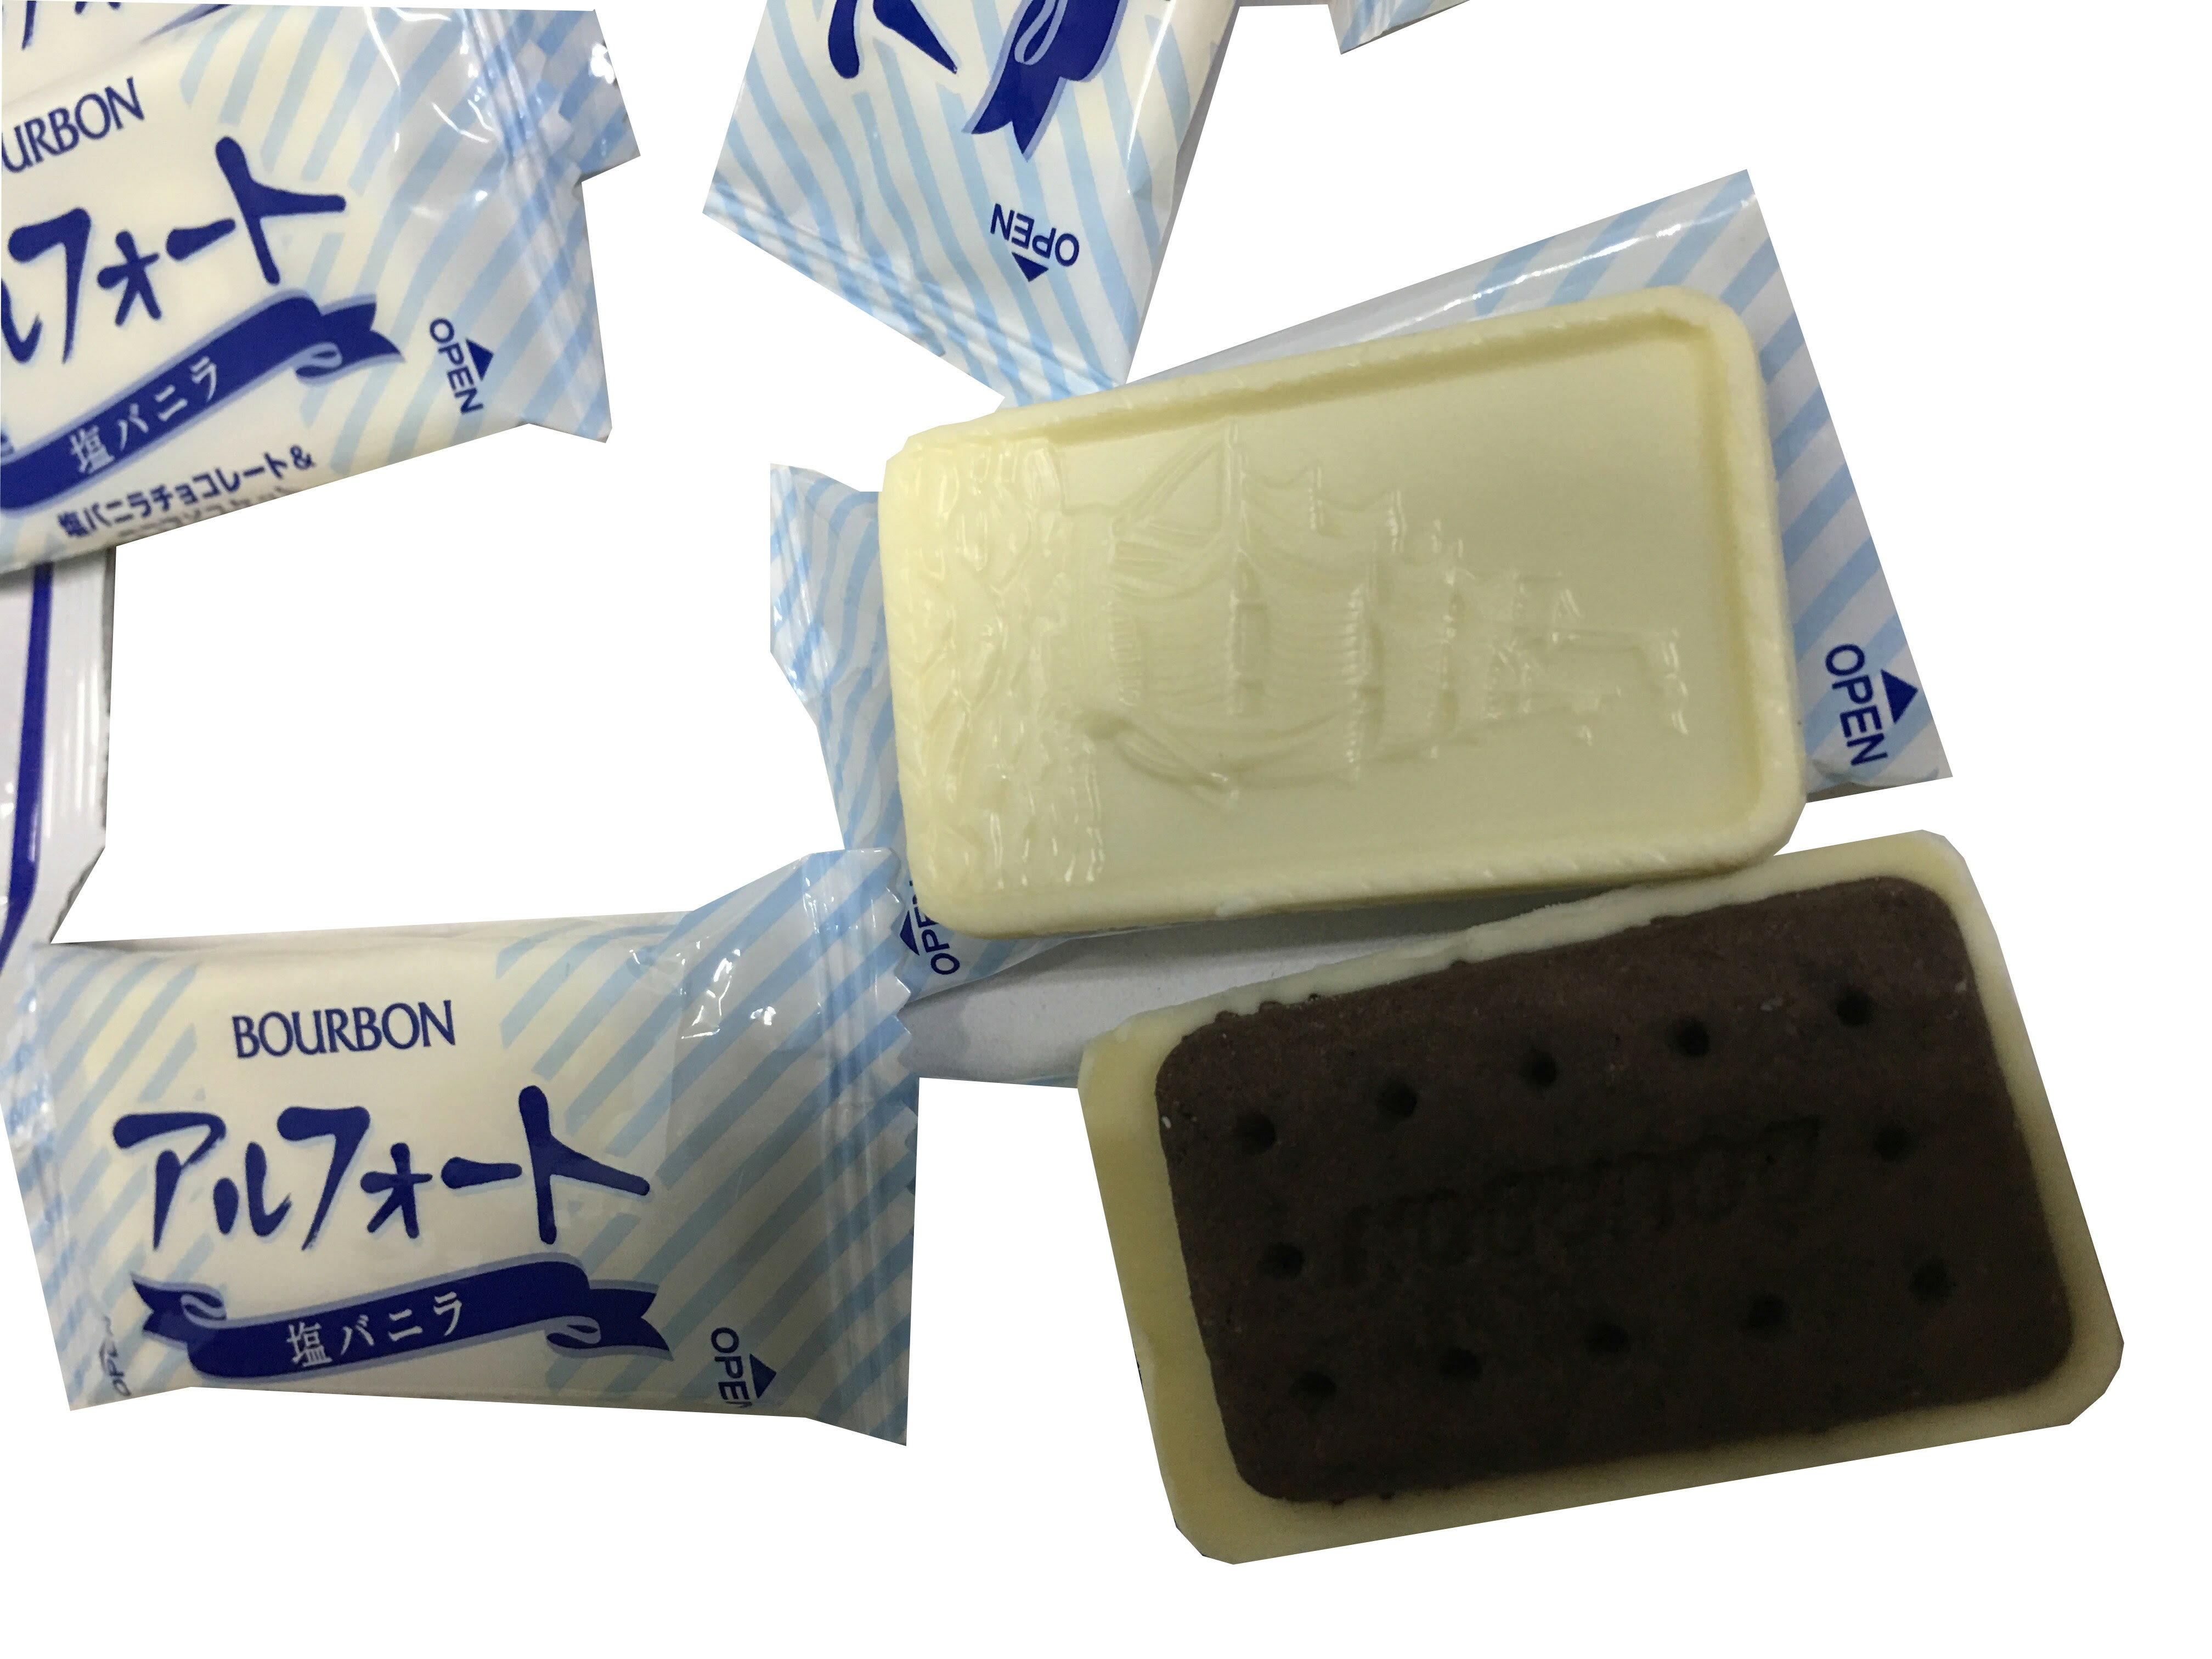 ★日本★進口零食★北日本★甘鹽香草巧克力帆船餅乾★帆船餅乾★巧克力★